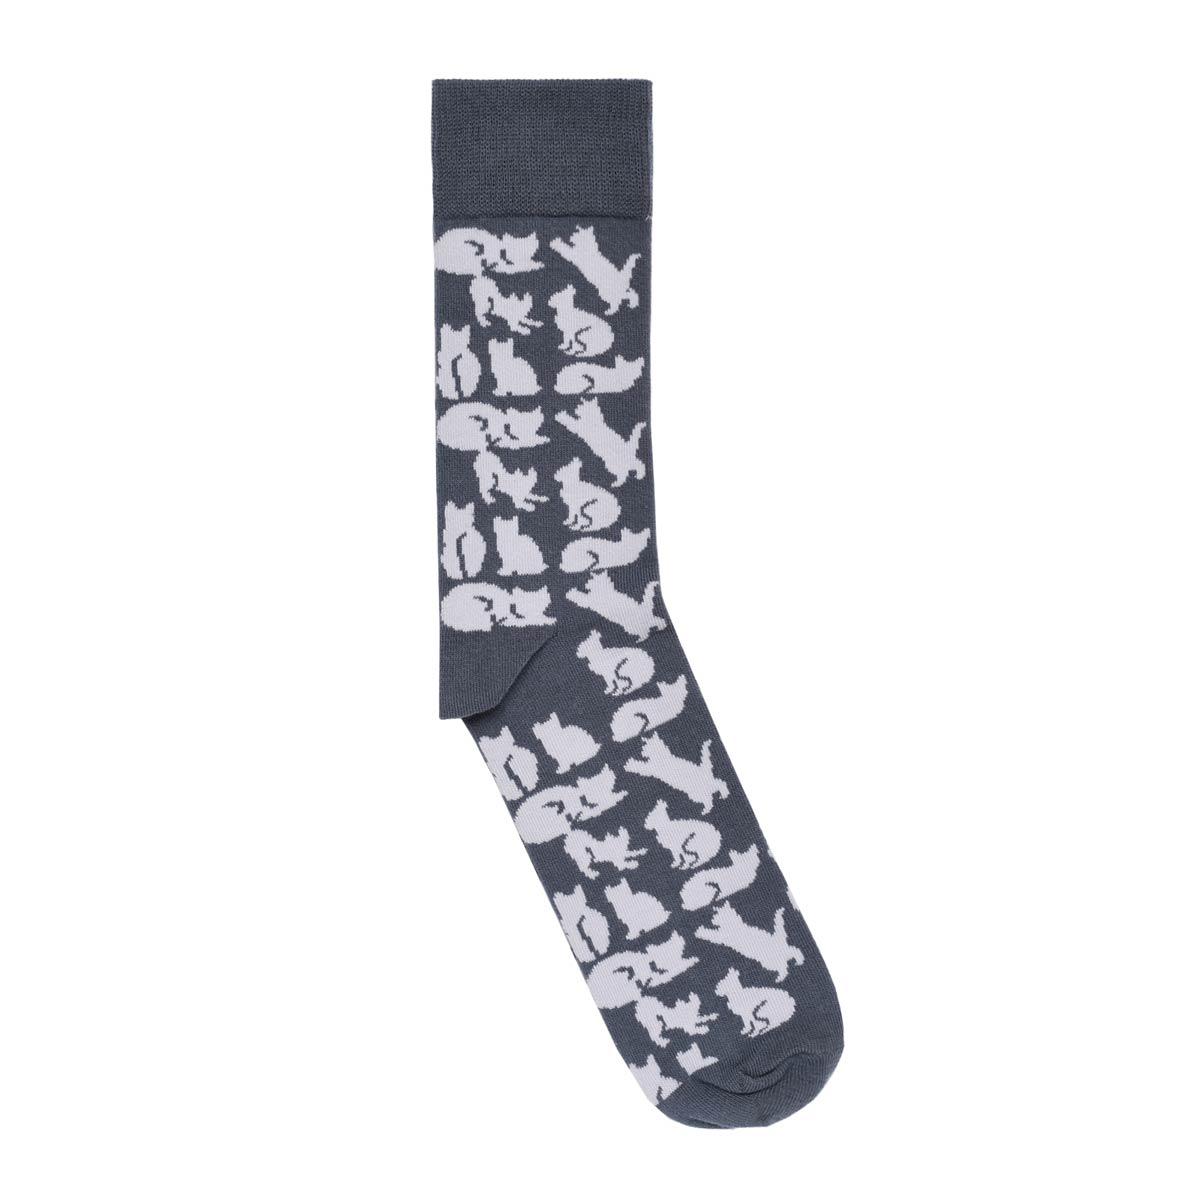 CH-00738-A12-chaussettes fantaisie-homme-chats-gris-40-45